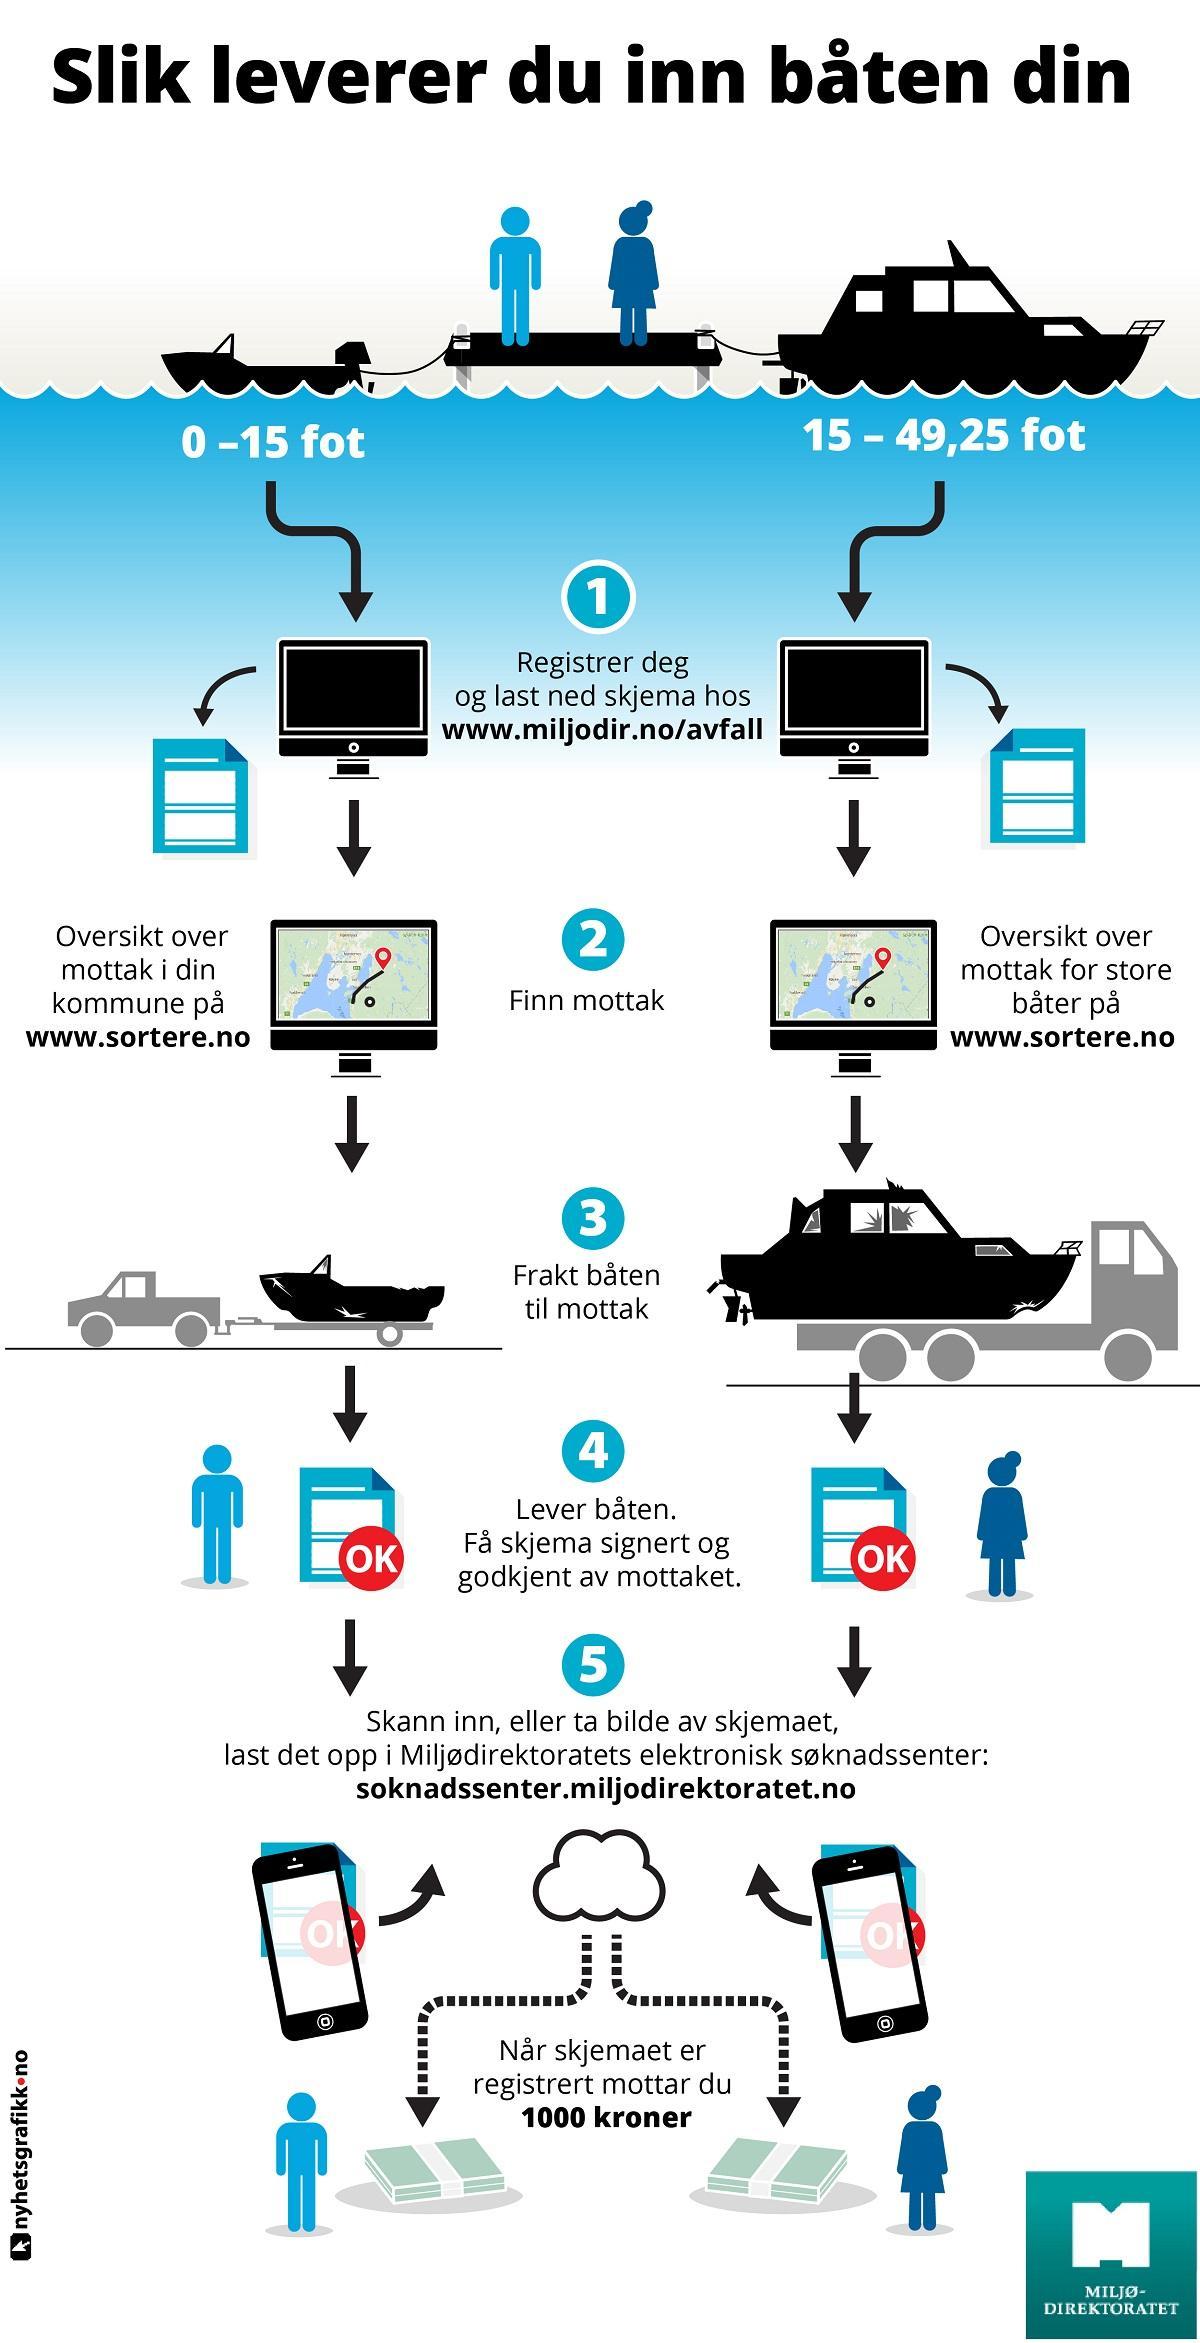 Slik-leverer-du-inn-båten-din Miljødirektoratet tilapsset 1200c2500 plakat